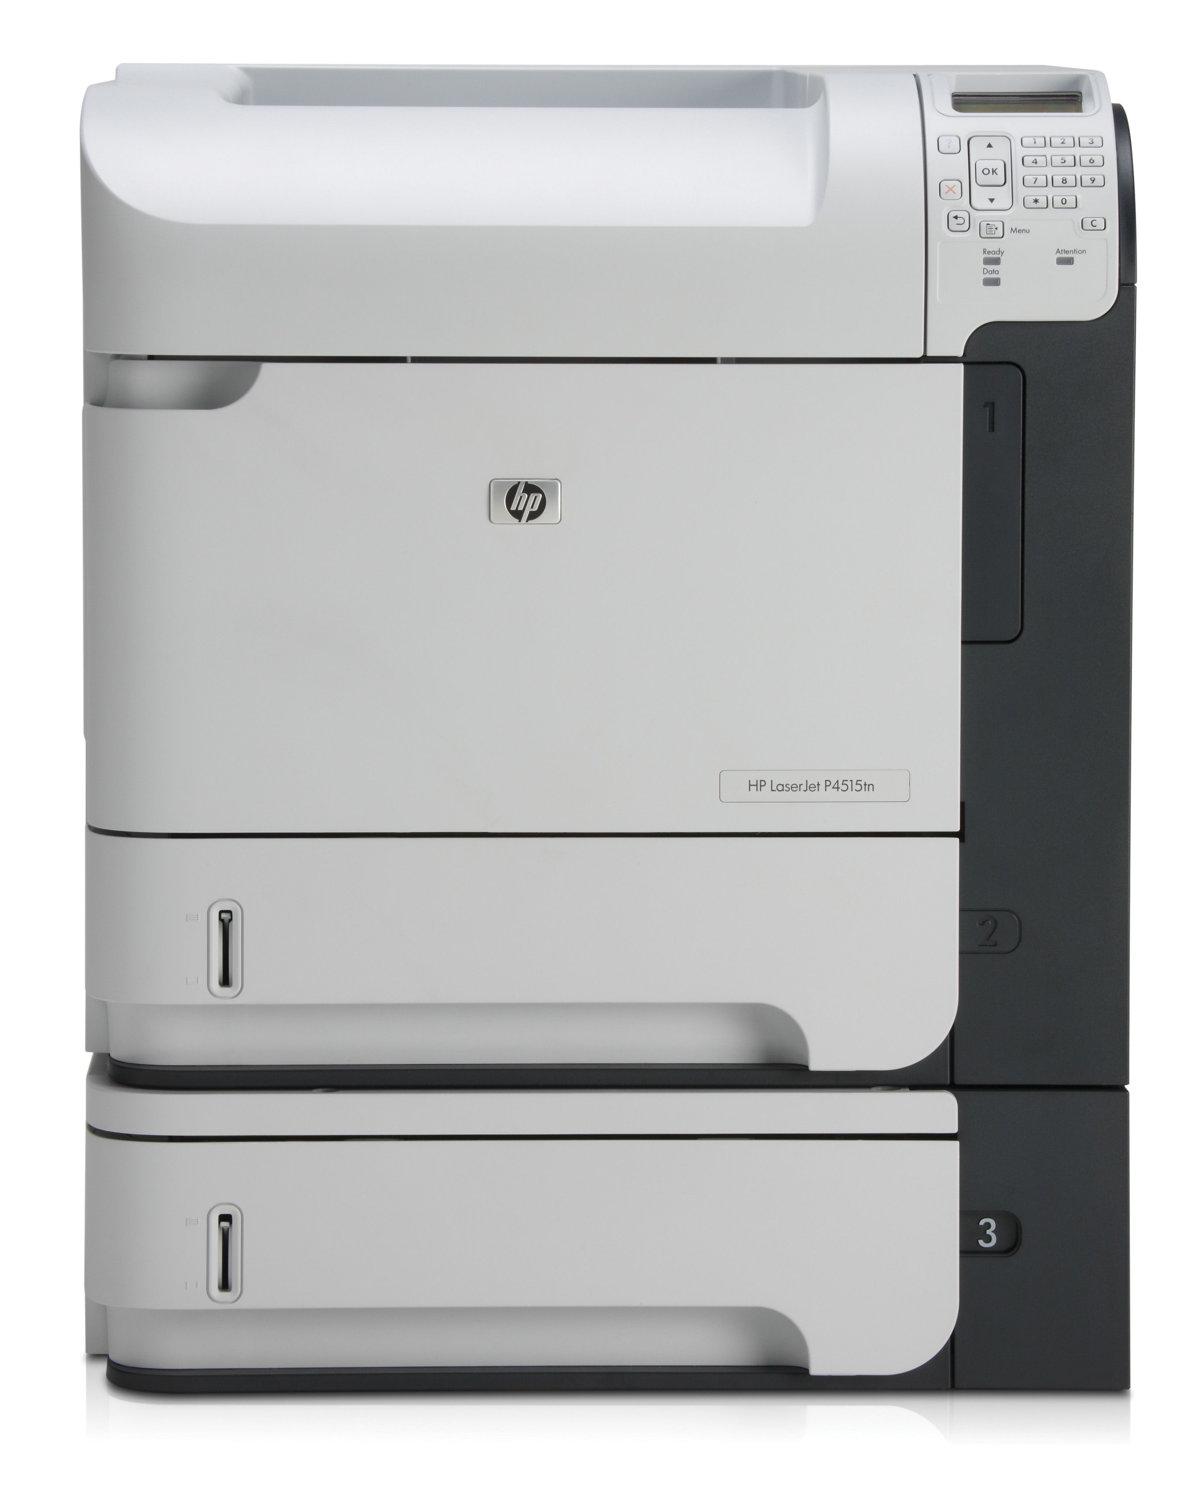 HP LaserJet P4015TN Workgroup Laser Printer 30 DAY WARRANTY